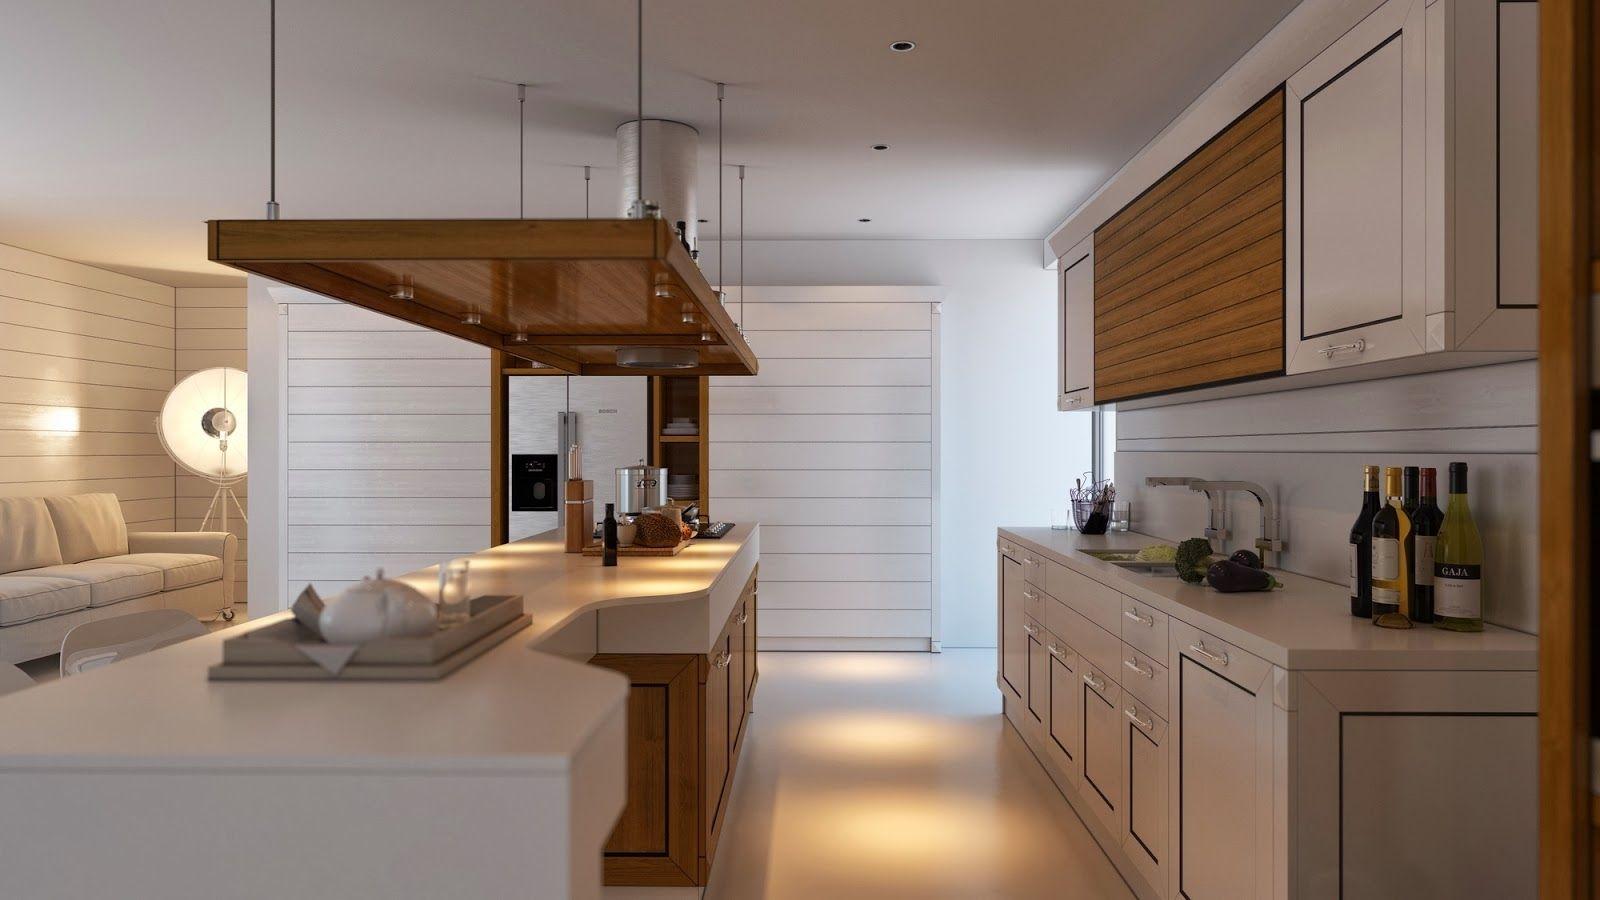 Tolle Küchendesign Ausstellungsräume San Diego Zeitgenössisch ...